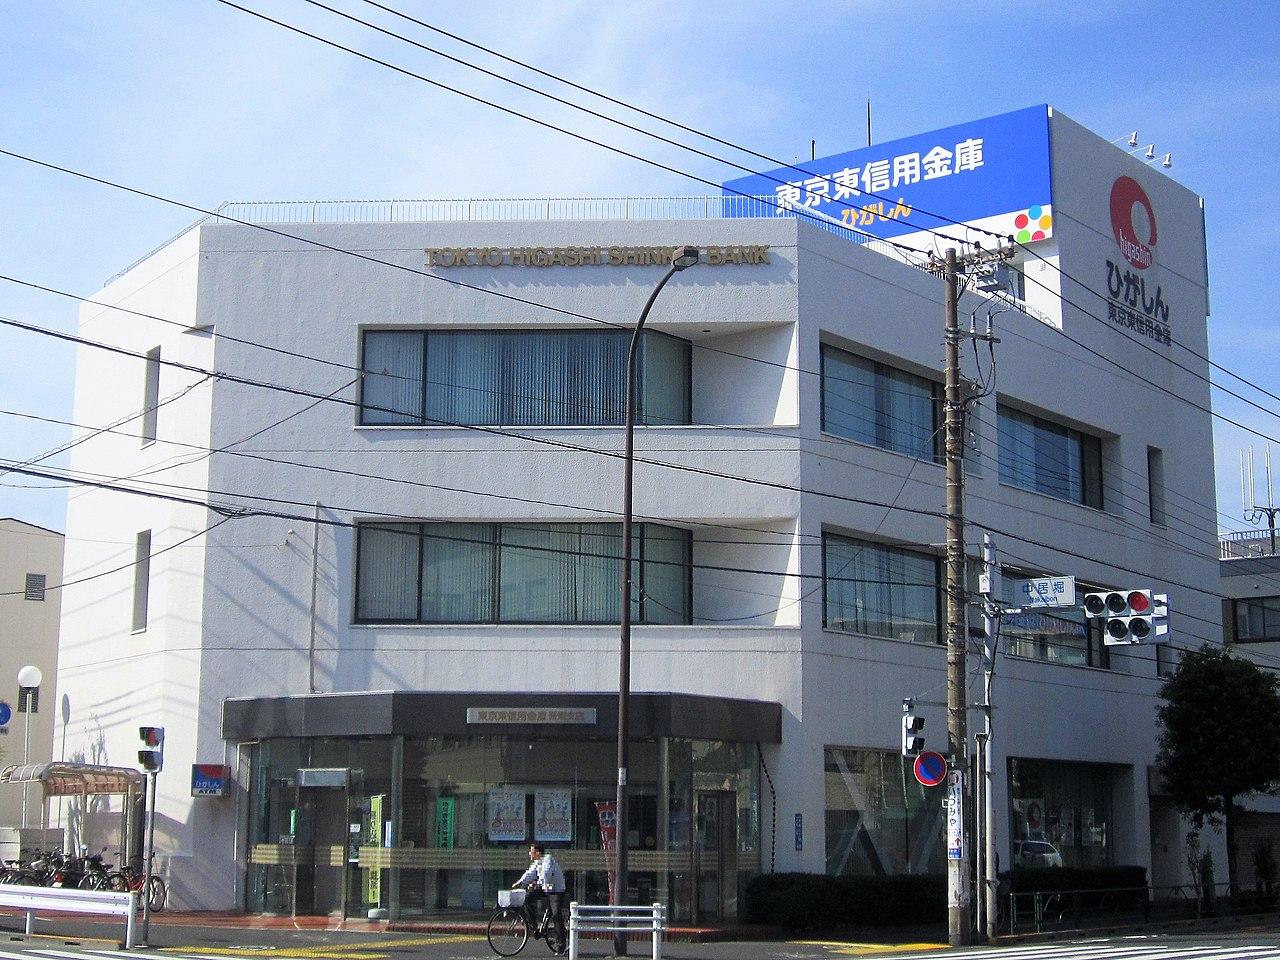 信用 金庫 東 東京 倒産可能性ある東京の信用金庫ワースト6選|マンゴー SNS